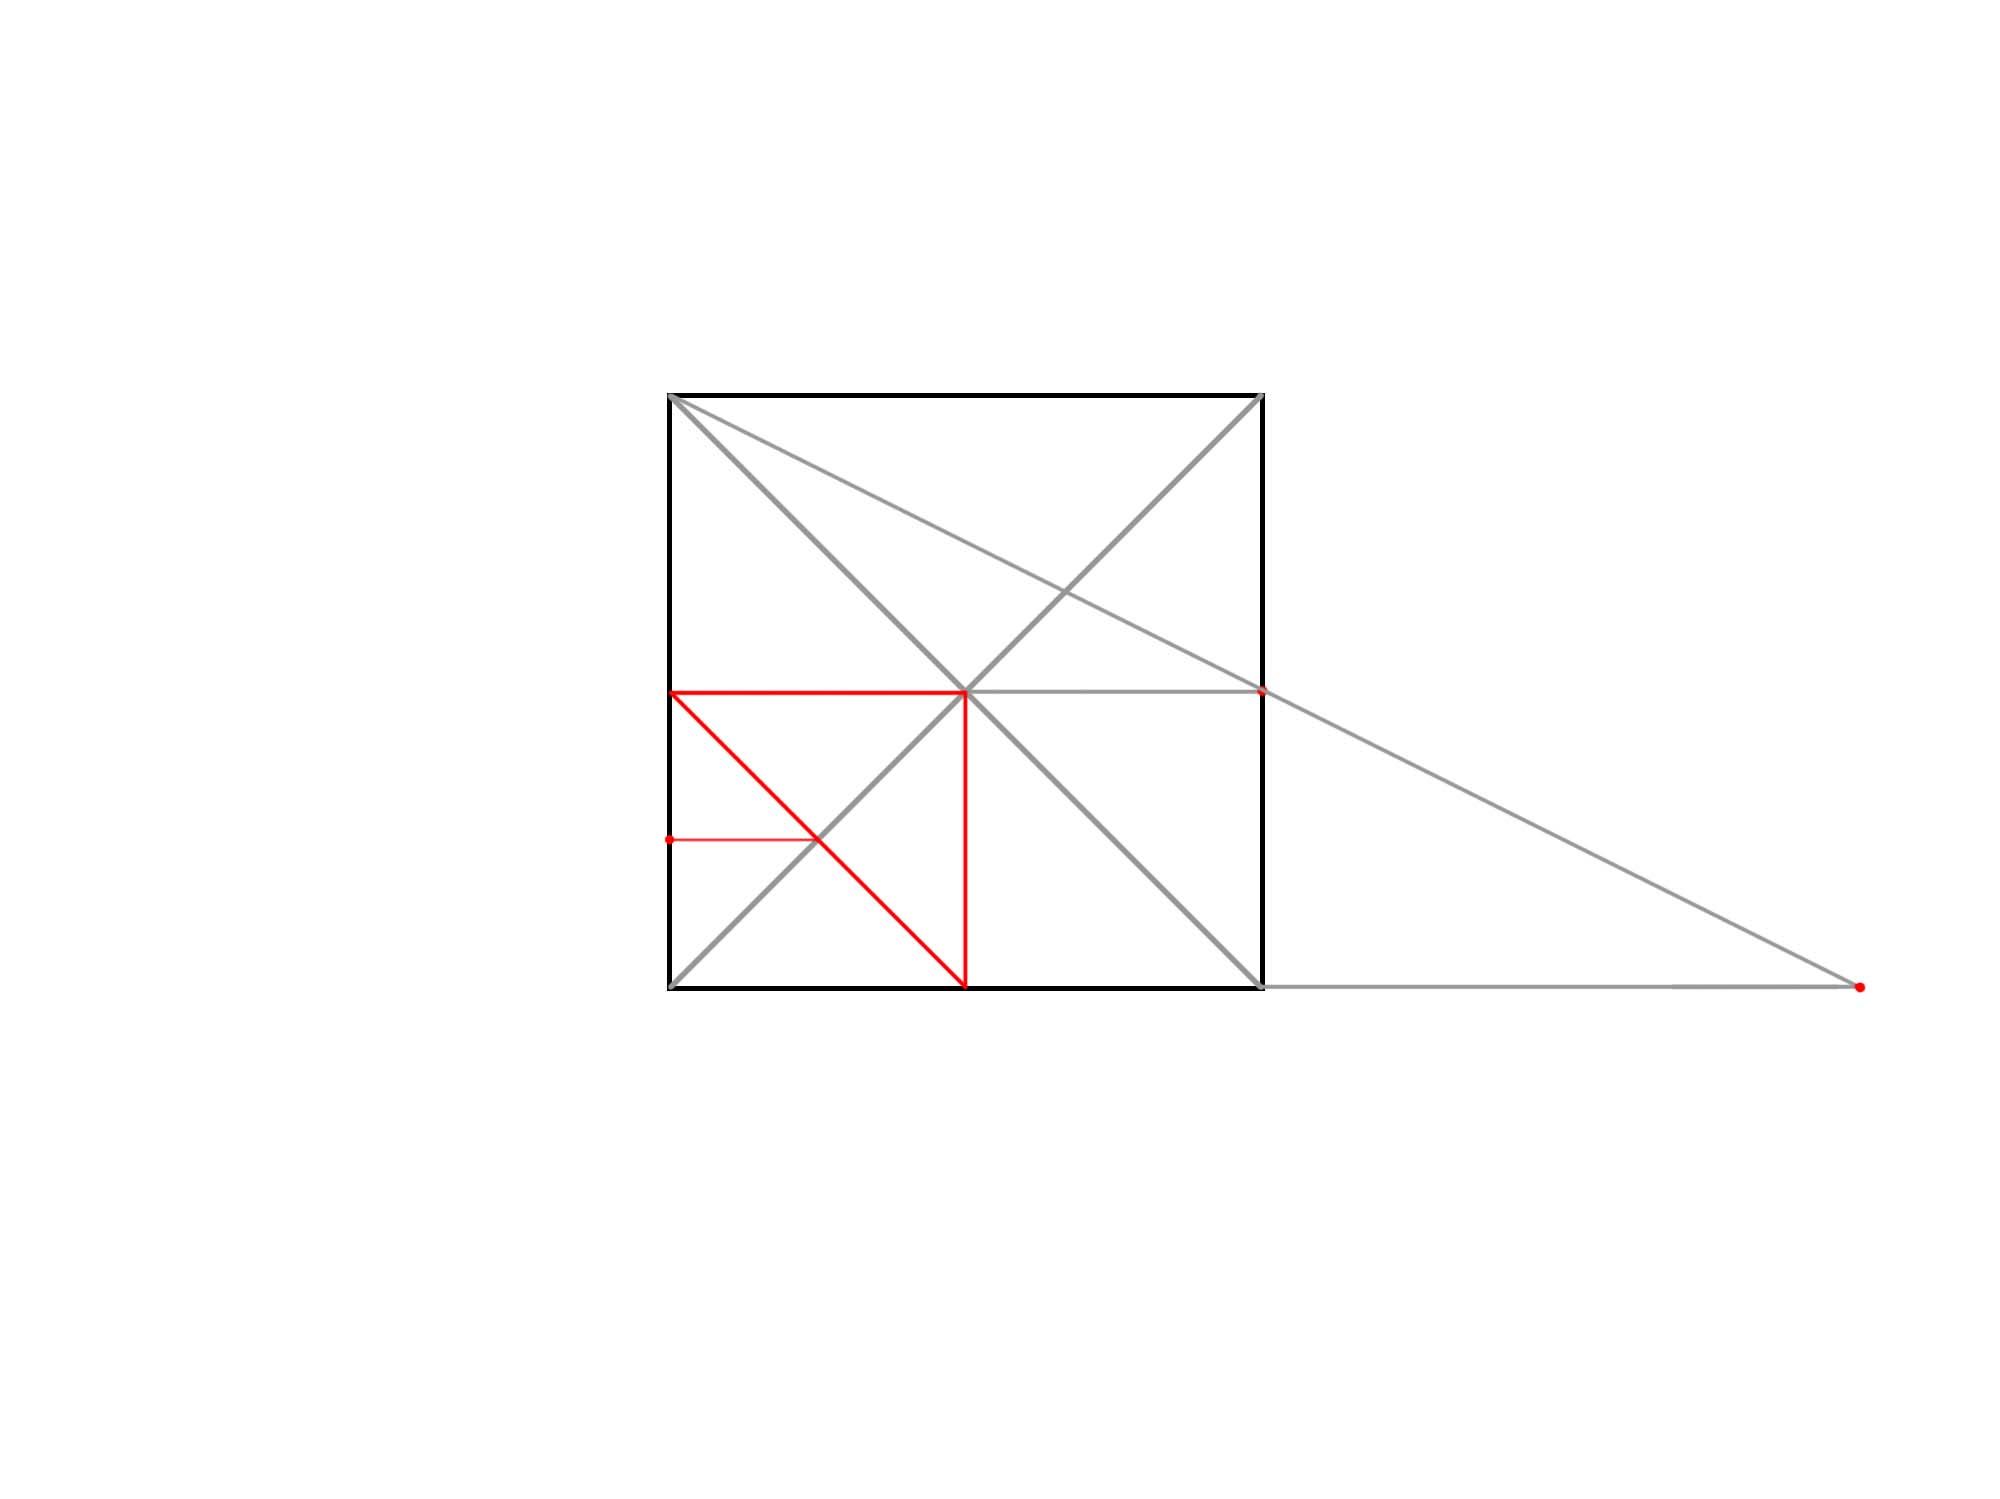 正方形を使って円を描く④